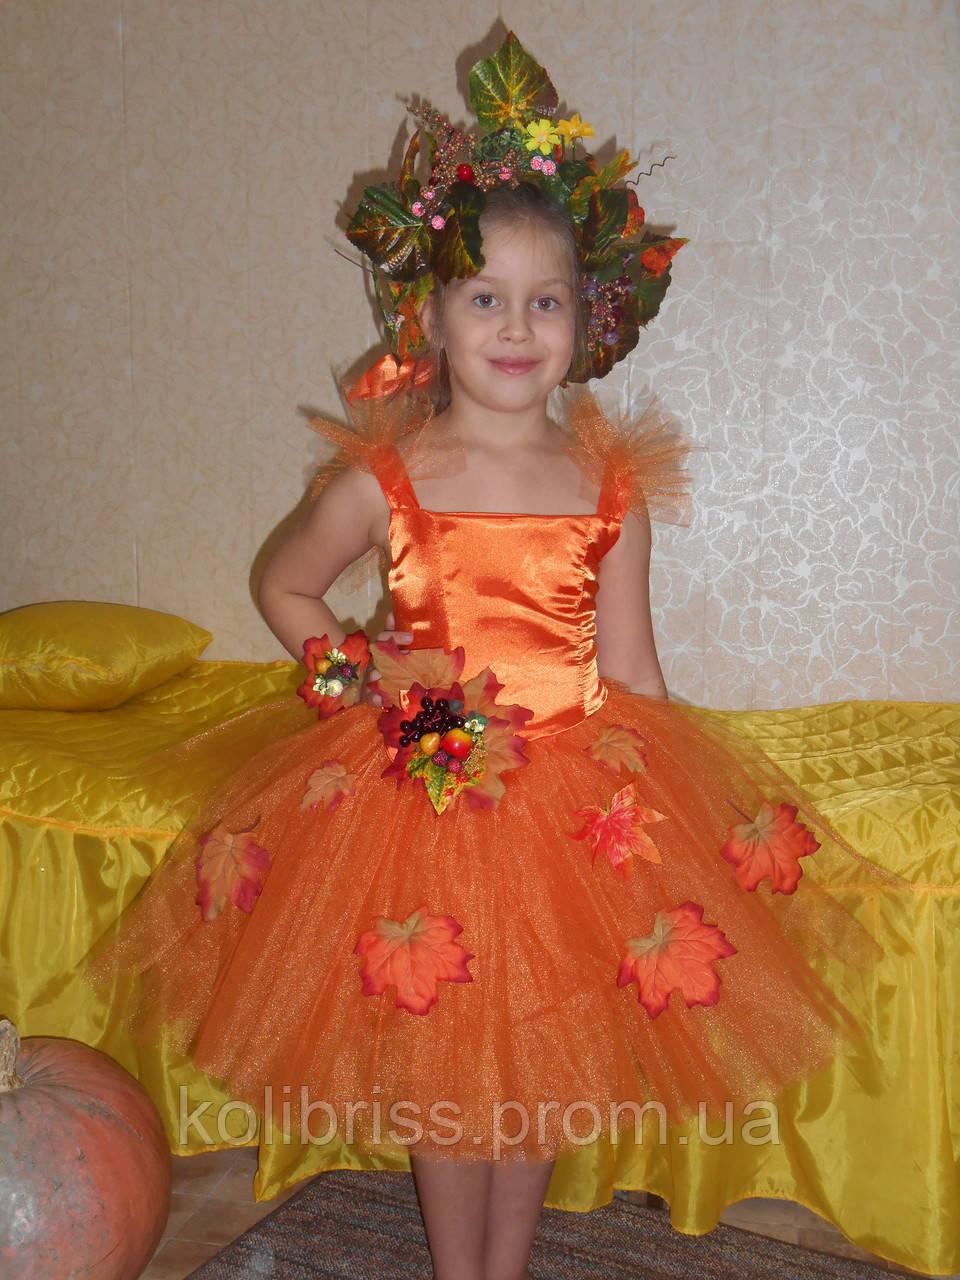 Шикарный костюм осень, королева осени, золотая осень фатин ... - photo#11